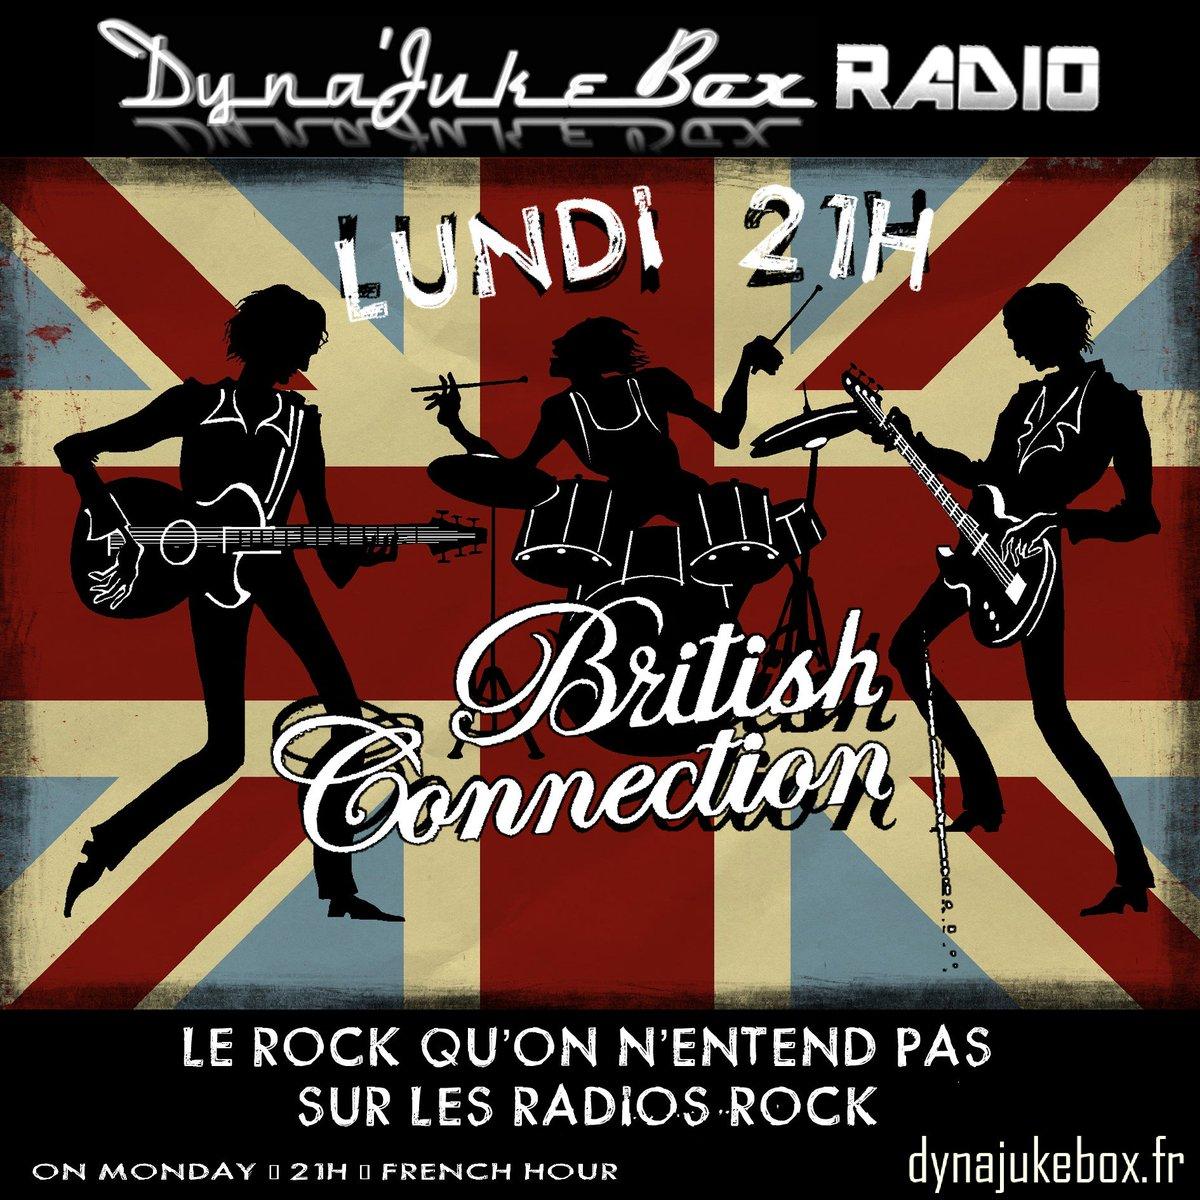 Sur  http://www. dynajukebox.fr  &nbsp;   : #British #Connection à 21h, RDV ce soir pour du #rock ! <br>http://pic.twitter.com/A58vsvauYo